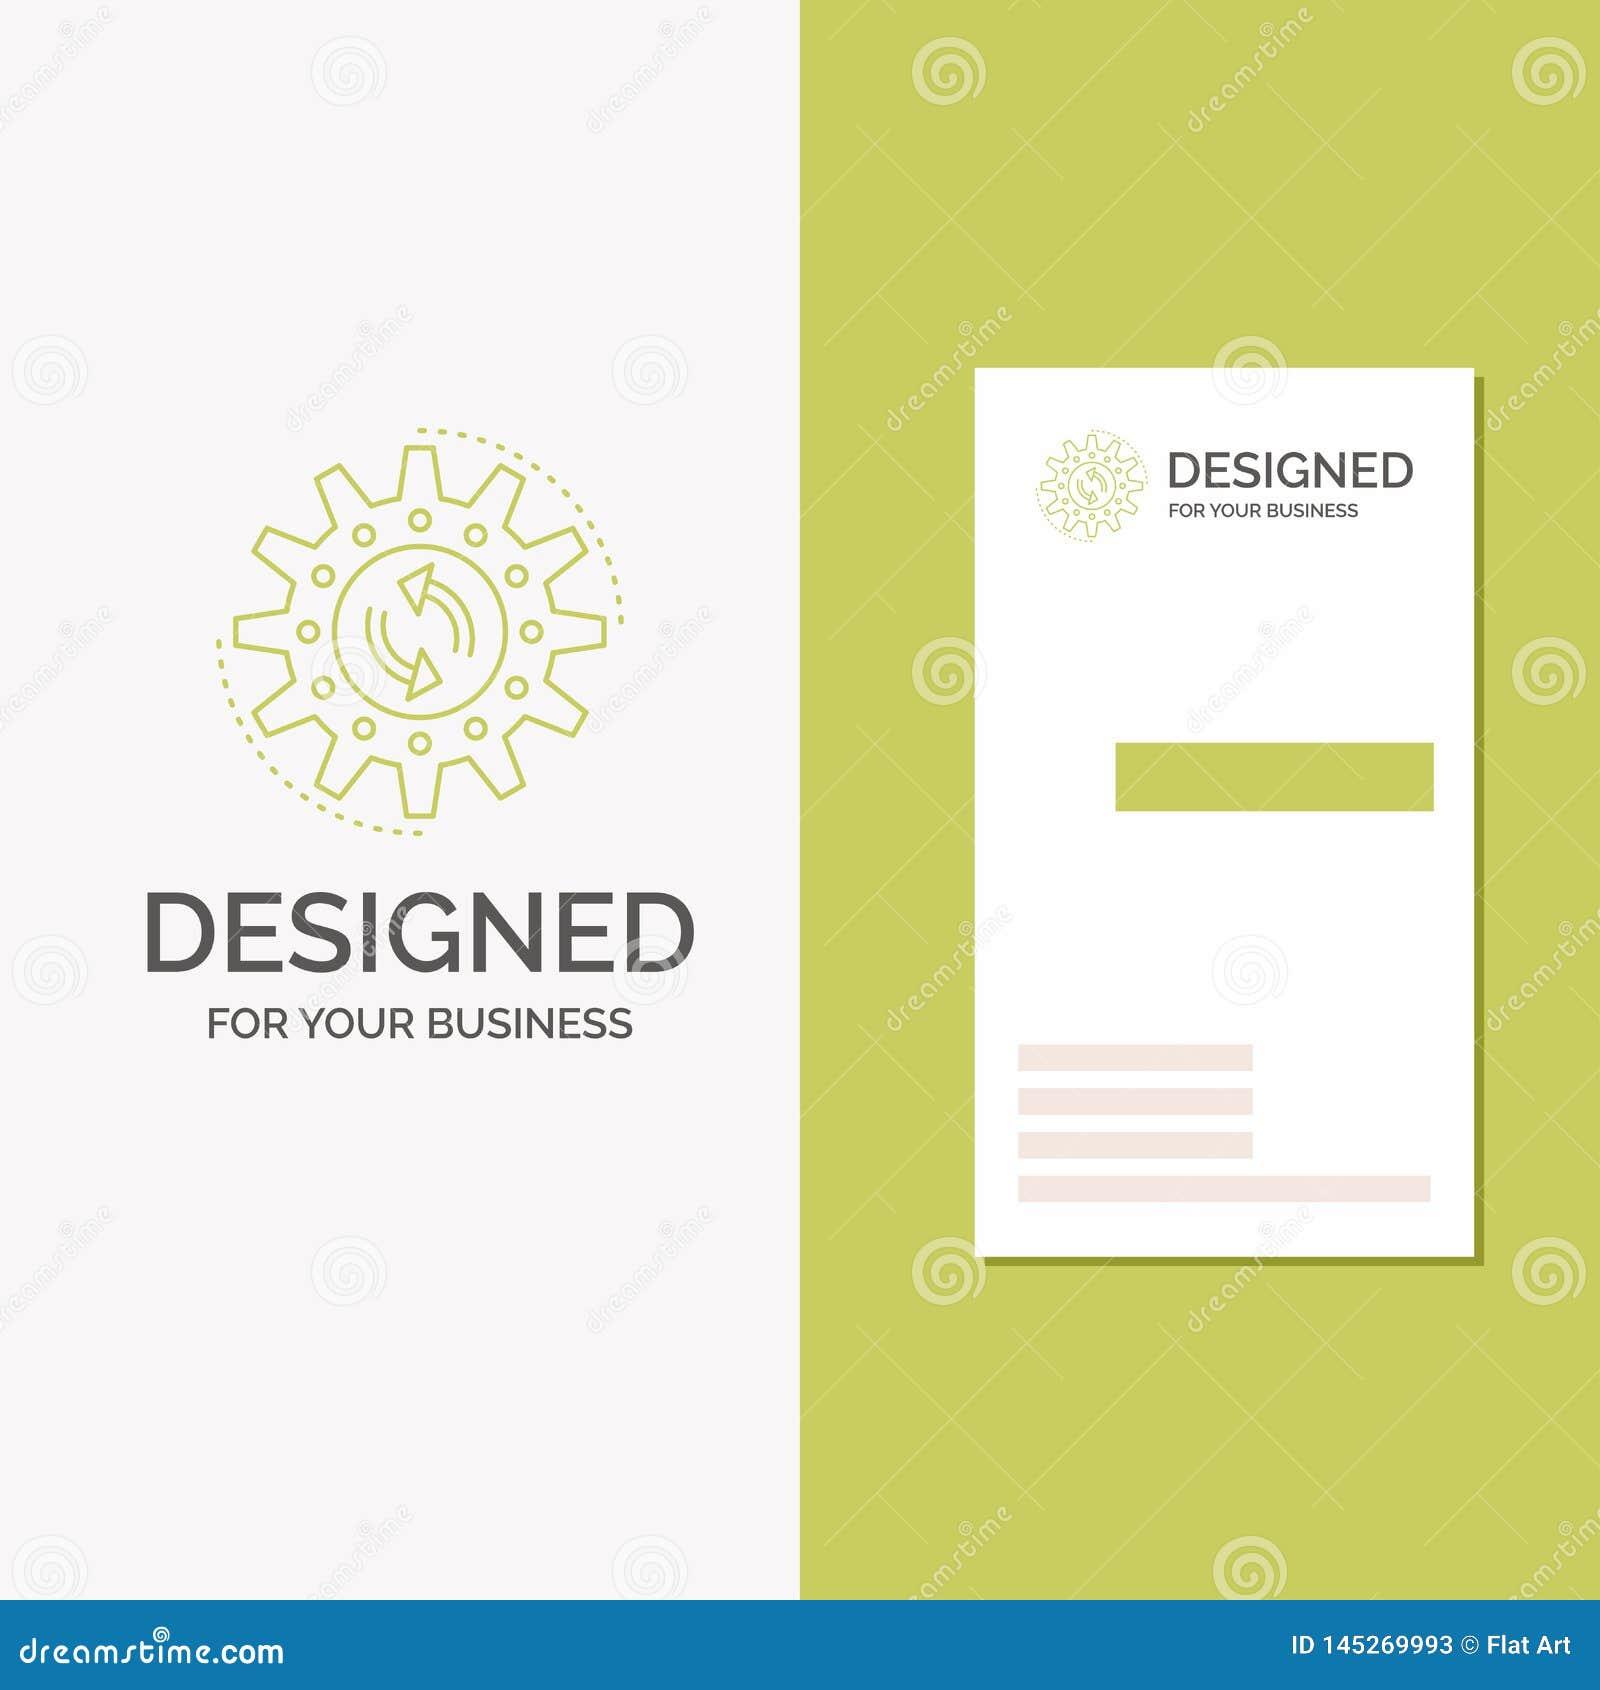 Gesch?fts-Logo f?r Management, Prozess, Produktion, Aufgabe, Arbeit Vertikale gr?ne Gesch?fts-/Visitenkarteschablone kreativ